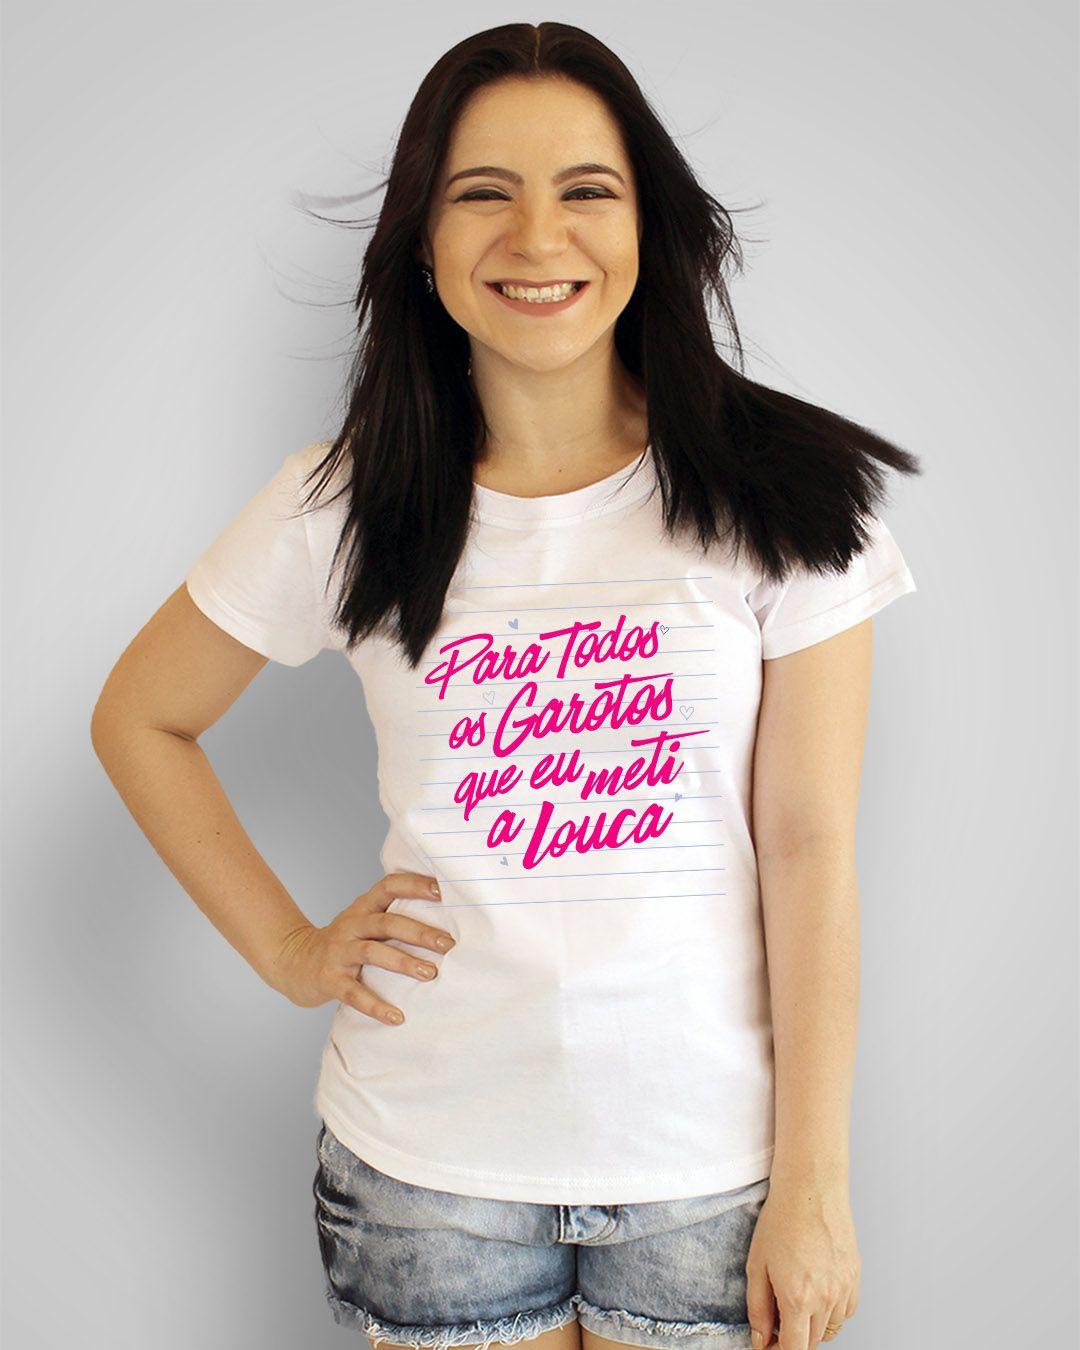 Camiseta Para todos os garotos que eu meti a louca